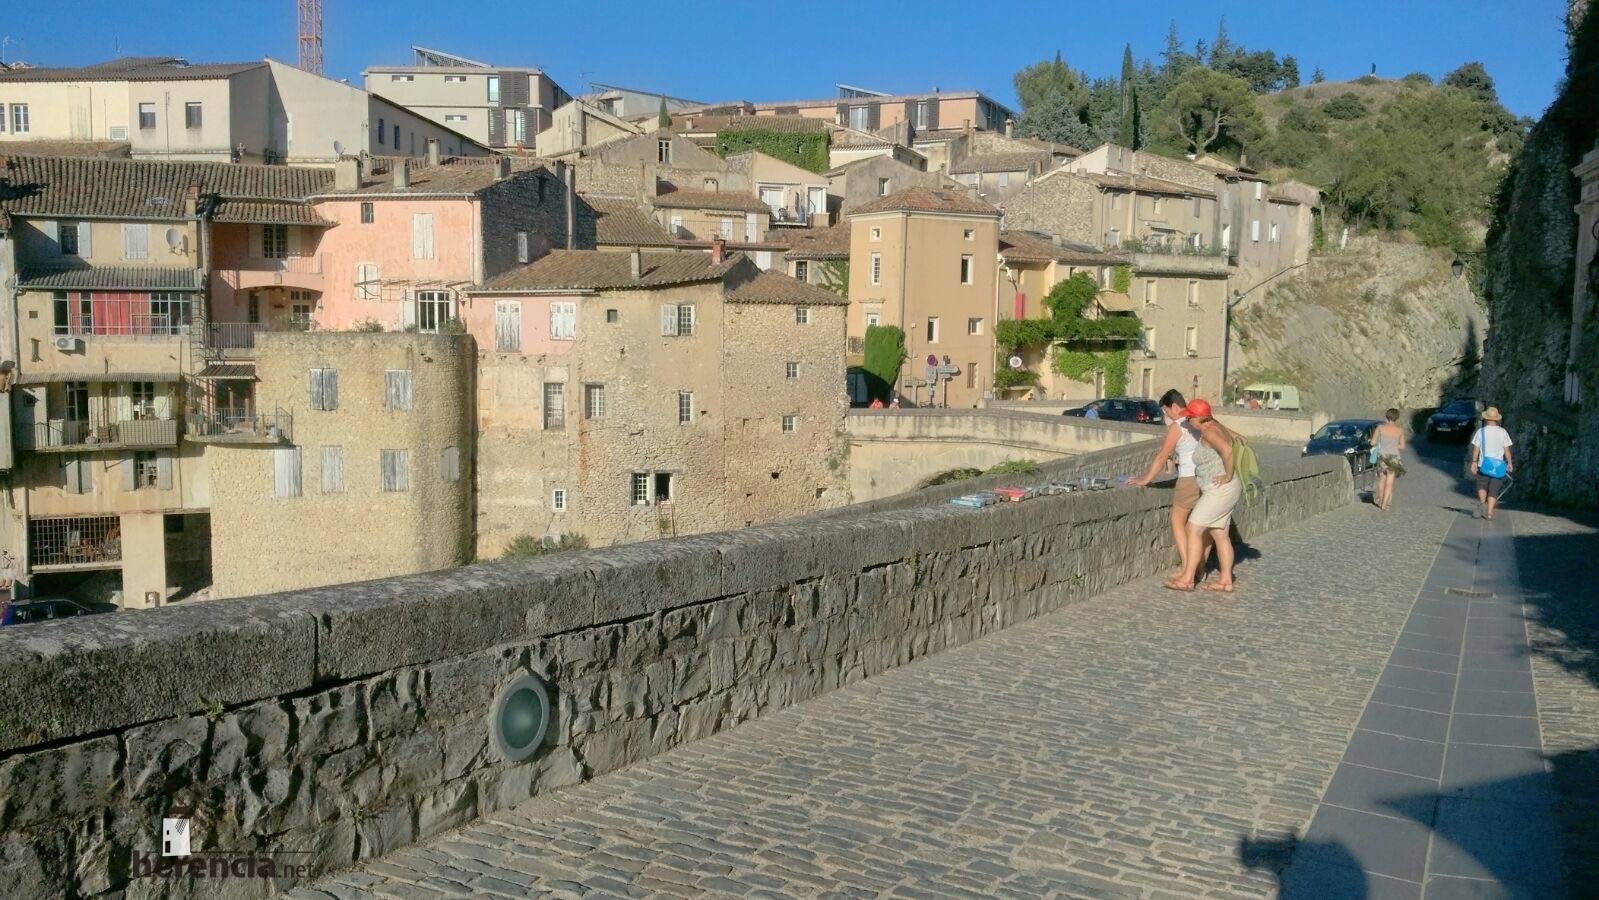 elias escribano - perle atravesando la provenza francesa 7